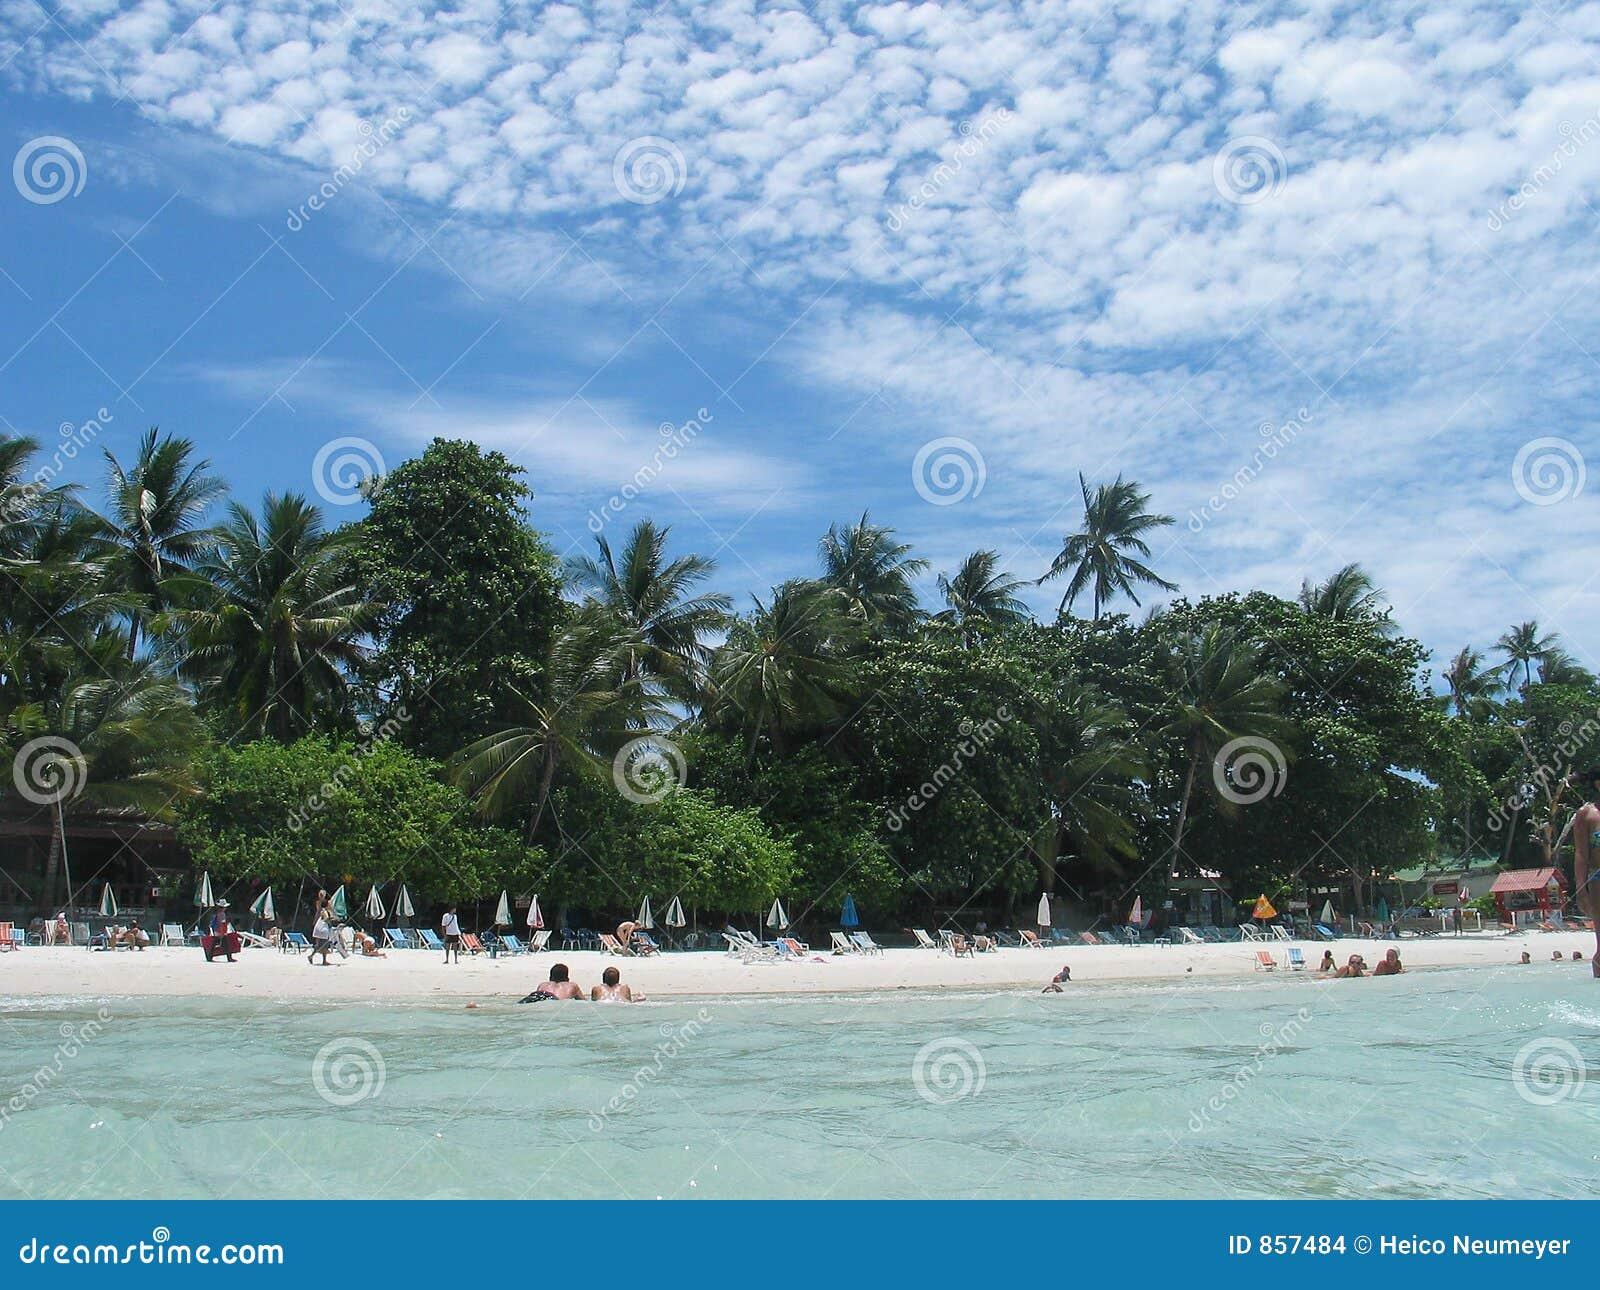 Ein Strand - ein Feiertagsparadies